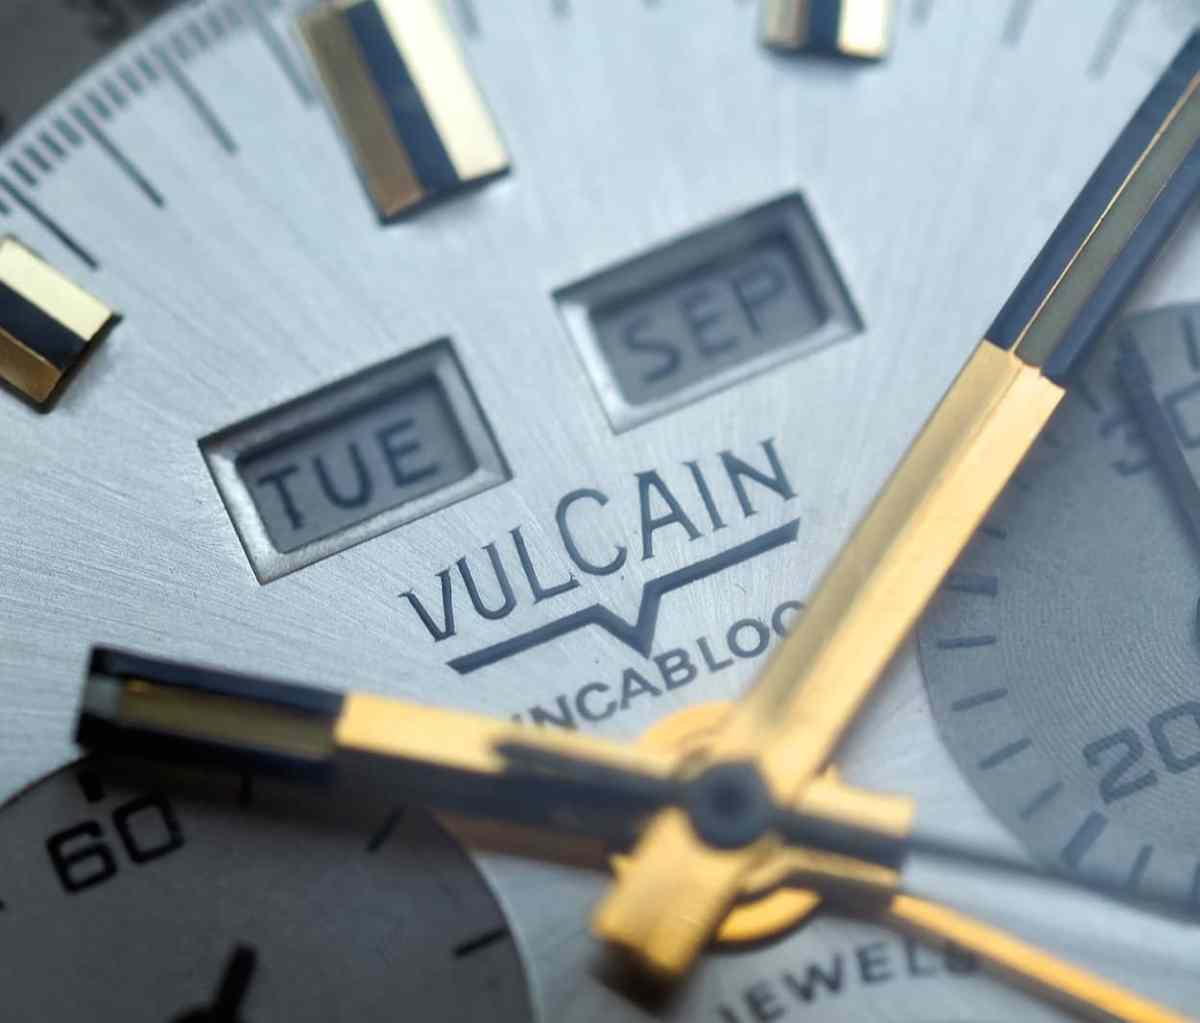 Vulcain Triple Date dial macro